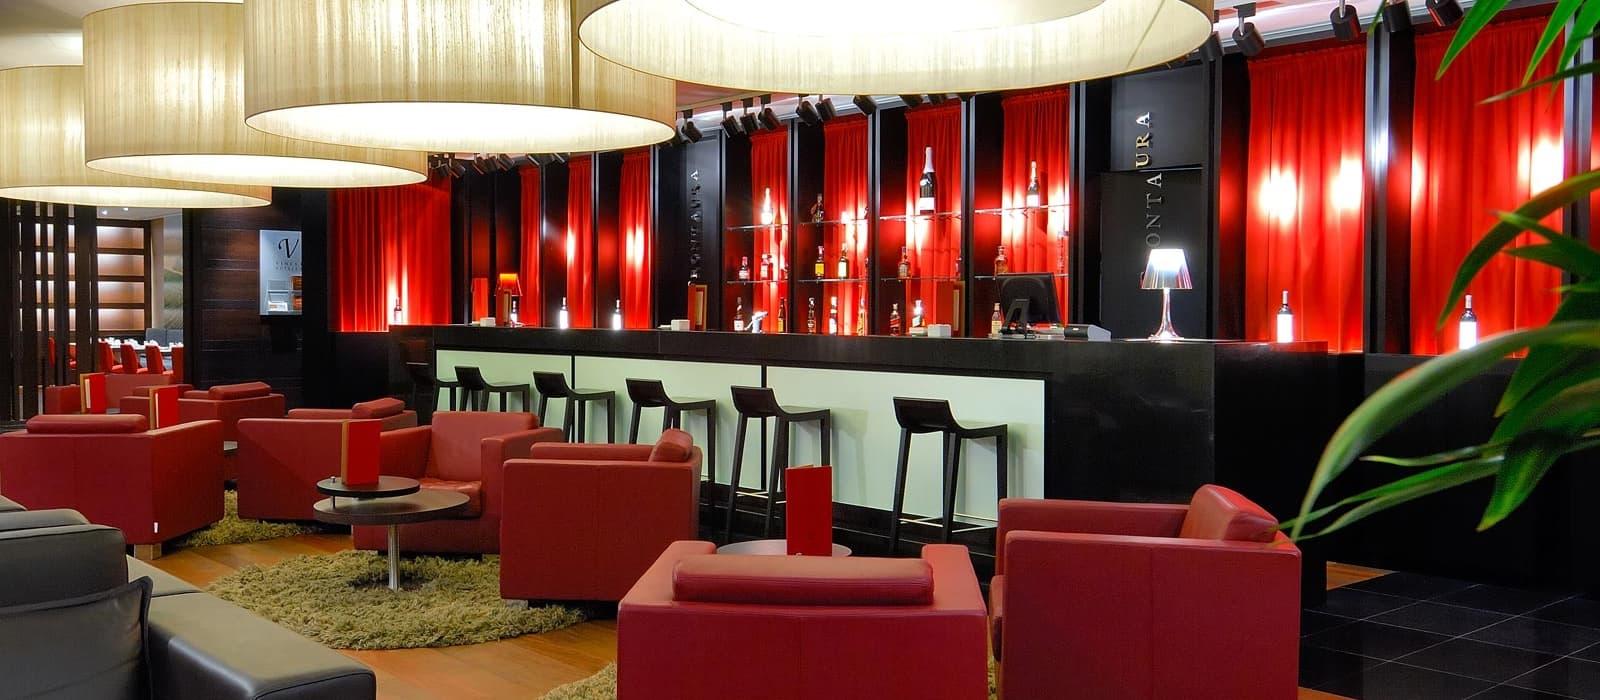 Frontaura Hotel Valladolid - Vincci Hoteles